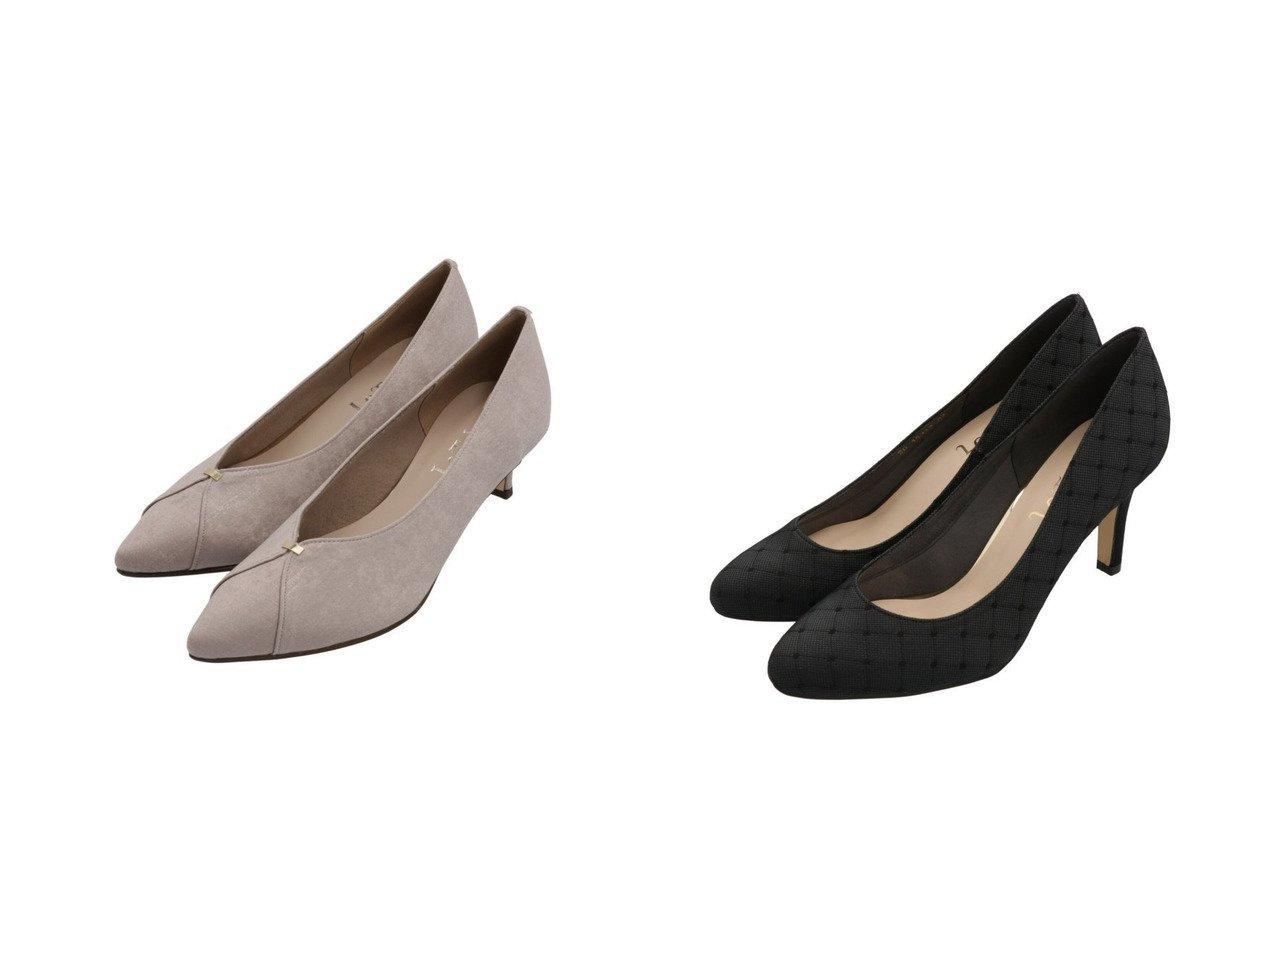 【Le Talon/ル タロン】の5cmコウブカキリカエPS(22-25)&7.5cmラウンドプレーンPS(21.5-25.5) シューズ・靴のおすすめ!人気、トレンド・レディースファッションの通販  おすすめで人気の流行・トレンド、ファッションの通販商品 メンズファッション・キッズファッション・インテリア・家具・レディースファッション・服の通販 founy(ファニー) https://founy.com/ ファッション Fashion レディースファッション WOMEN 2020年 2020 2020-2021 秋冬 A/W AW Autumn/Winter / FW Fall-Winter 2020-2021 A/W 秋冬 AW Autumn/Winter / FW Fall-Winter インソール クッション シューズ 2020 春夏 S/S SS Spring/Summer 2020 S/S 春夏 SS Spring/Summer フォーマル ワイド |ID:crp329100000009823